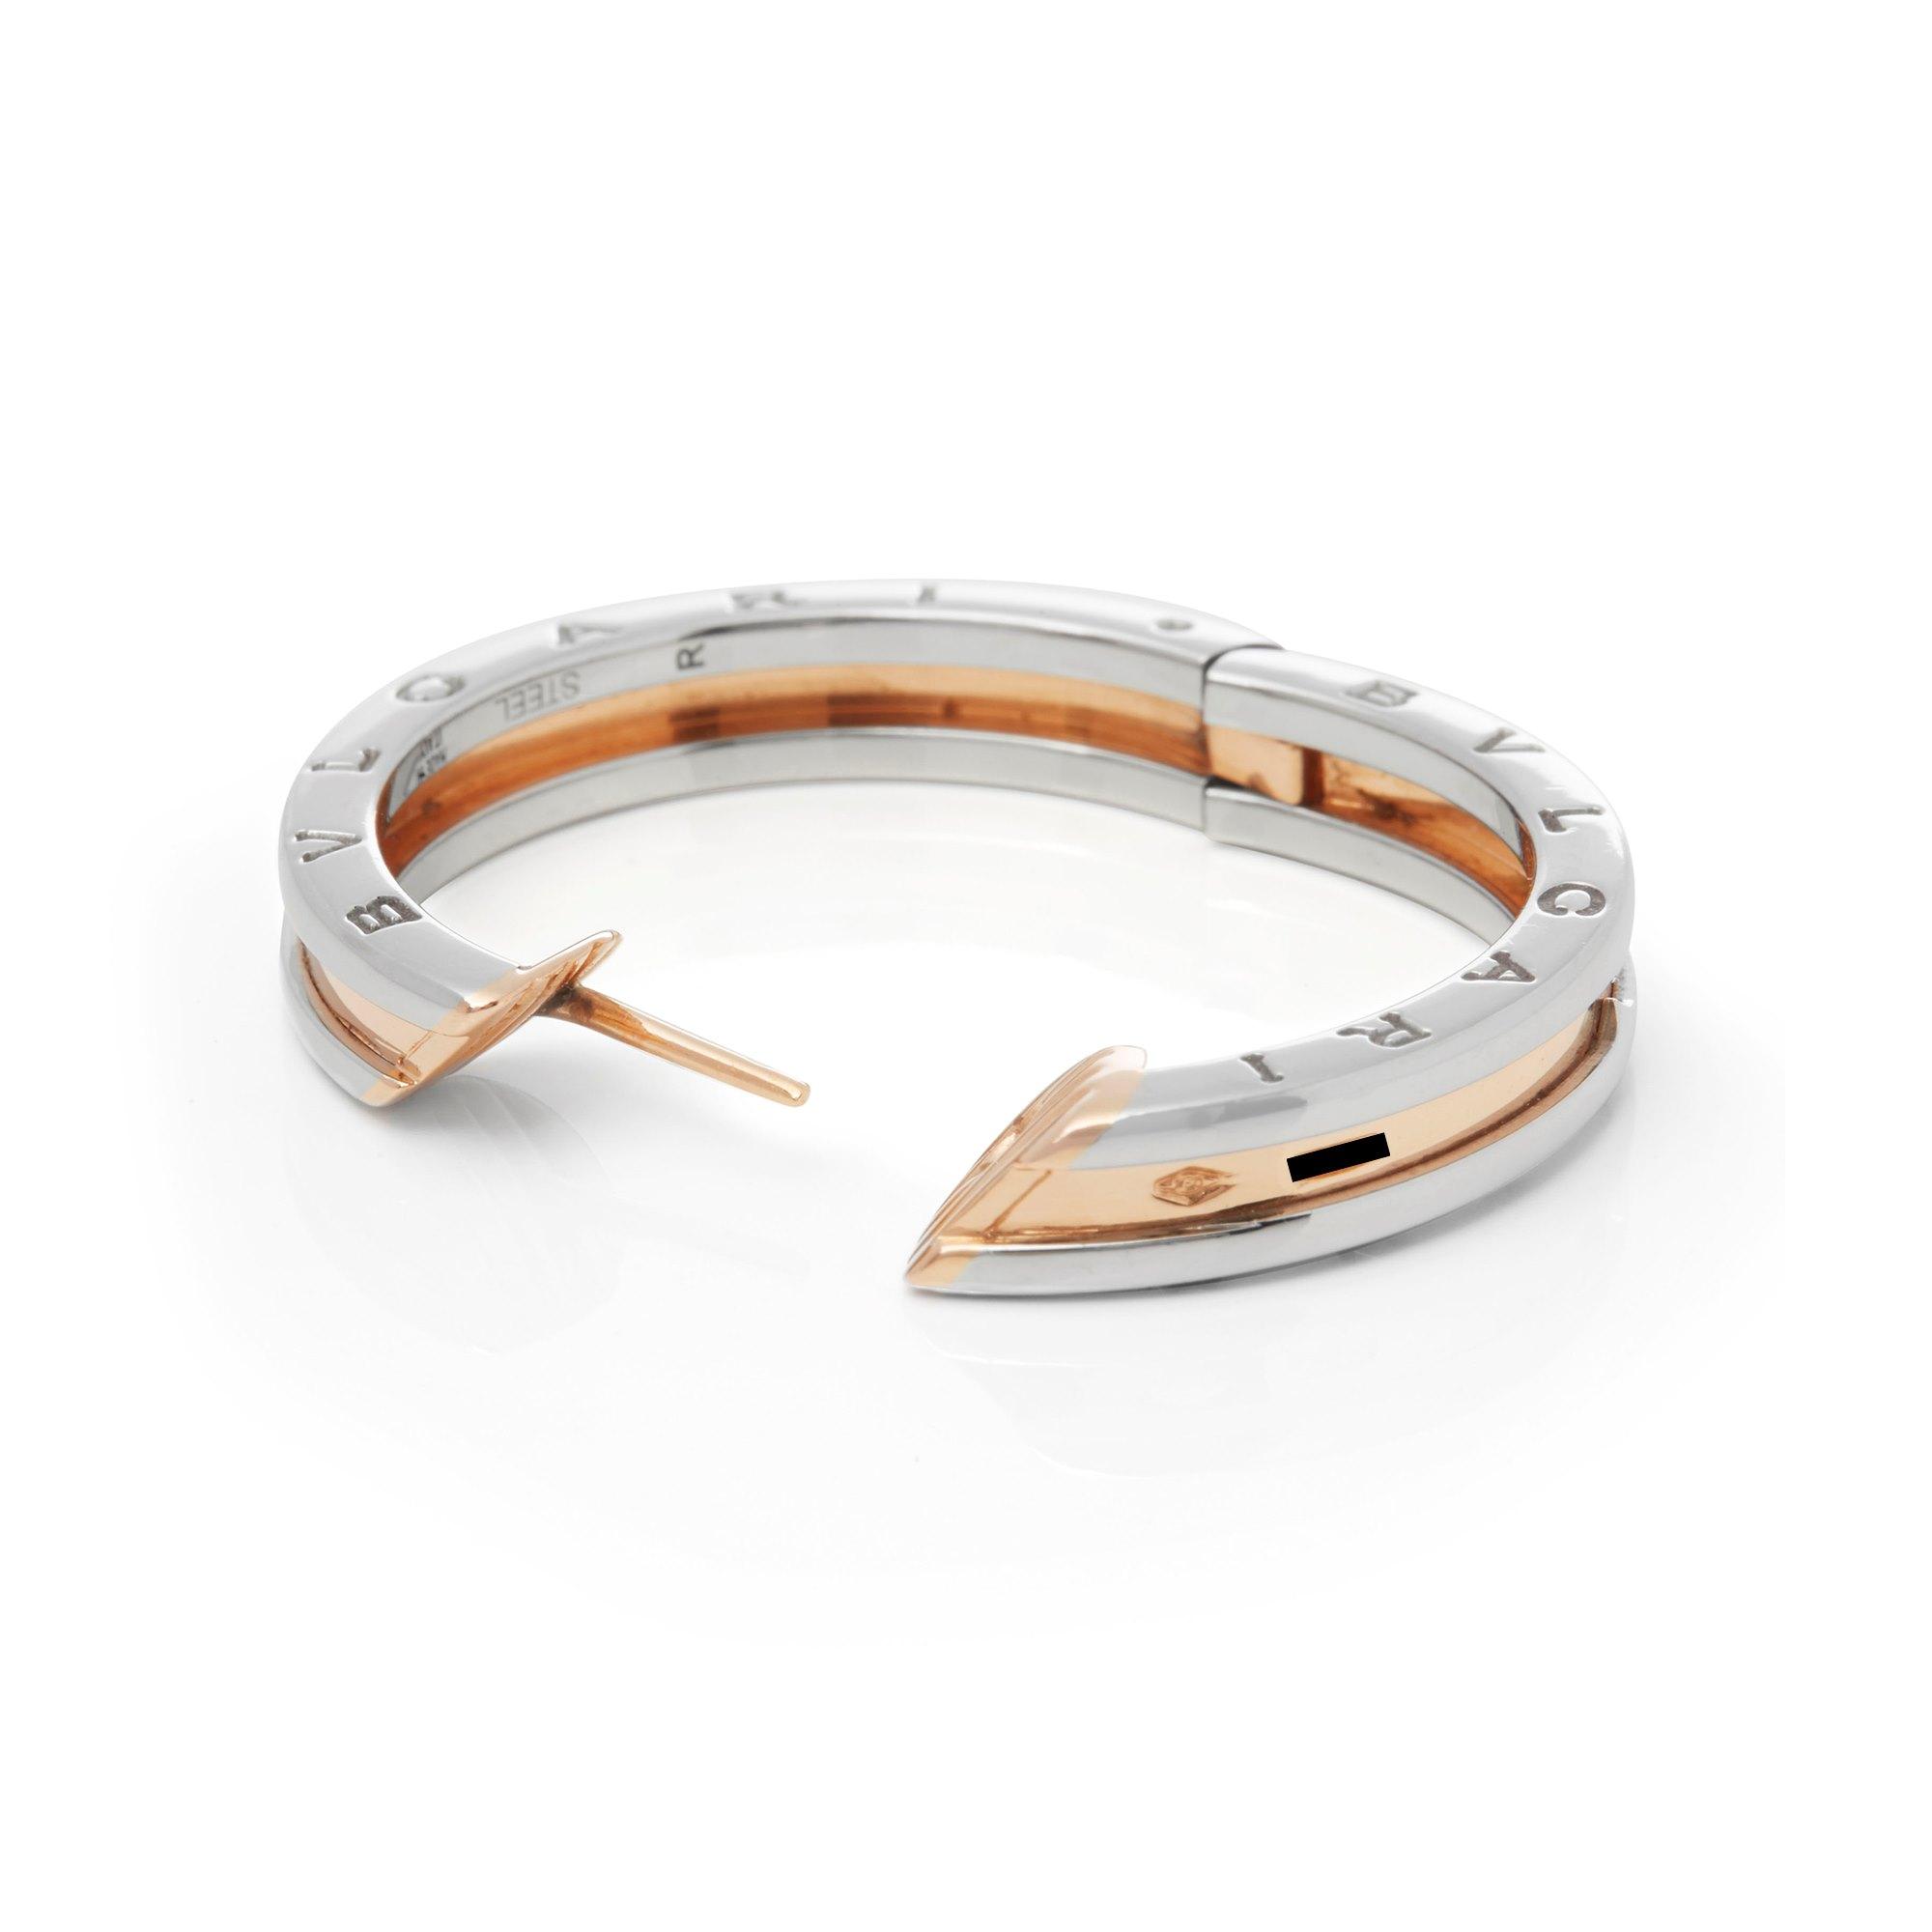 Bulgari 18k Rose Gold & Stainless Steel B.Zero 1 Earrings